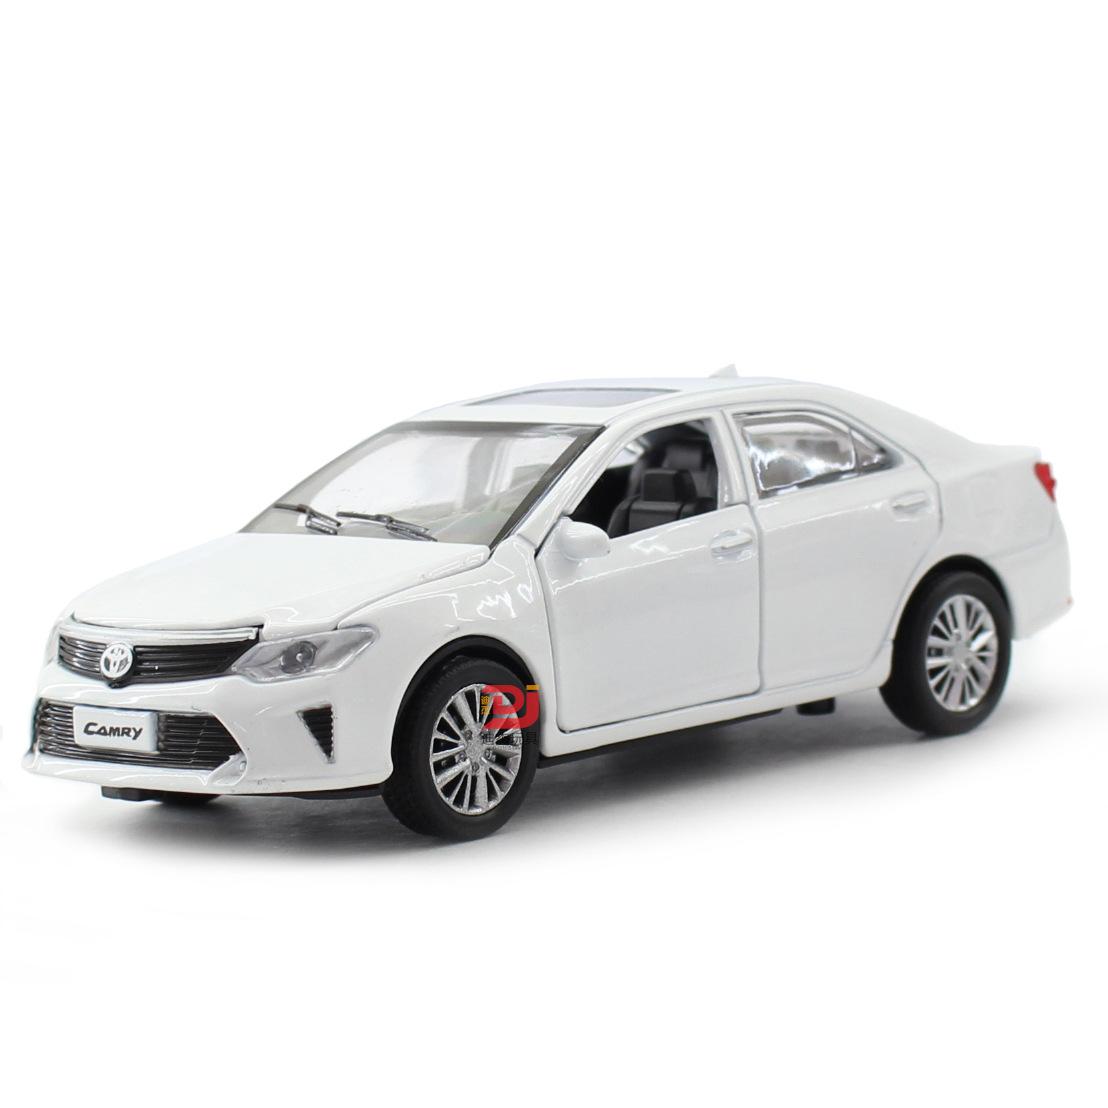 仿真1:32丰田凯美瑞合金汽车模型 儿童声光回力滑行玩具小汽车模